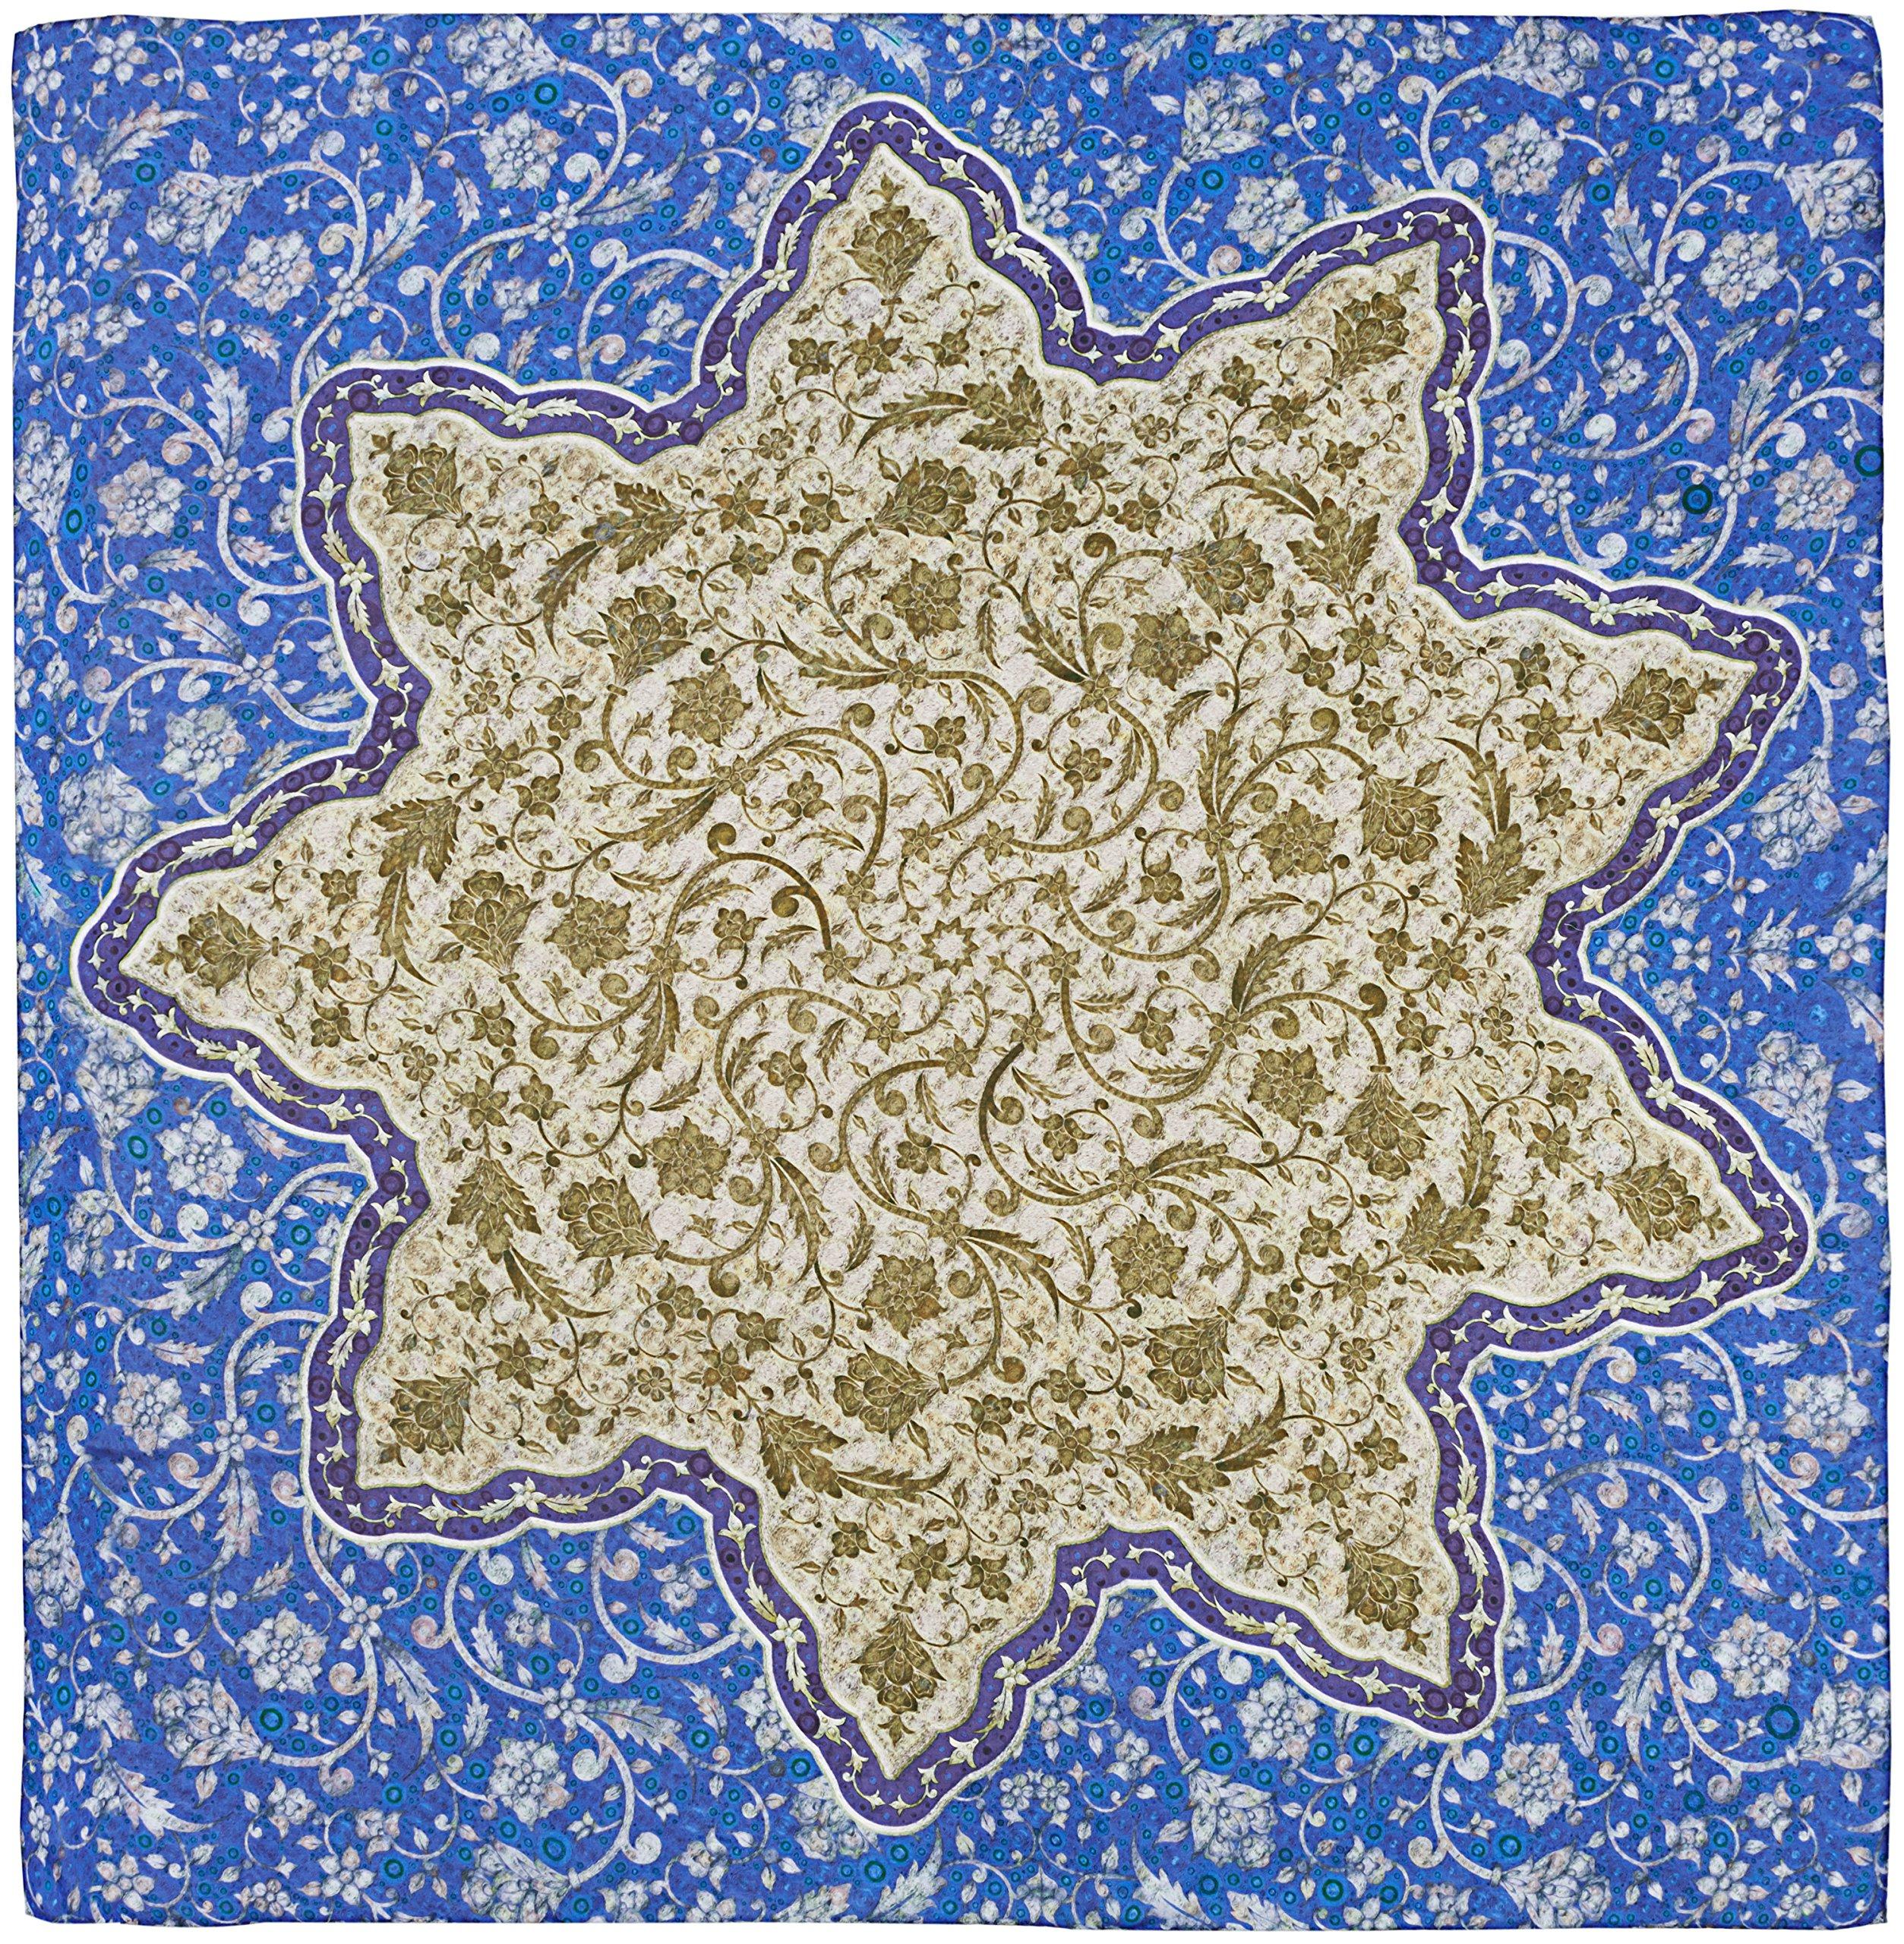 R. Culturi Handmade in Italy Modal Cashmere Luxury Artwork Scarf (Blue/Beige) by R. Culturi